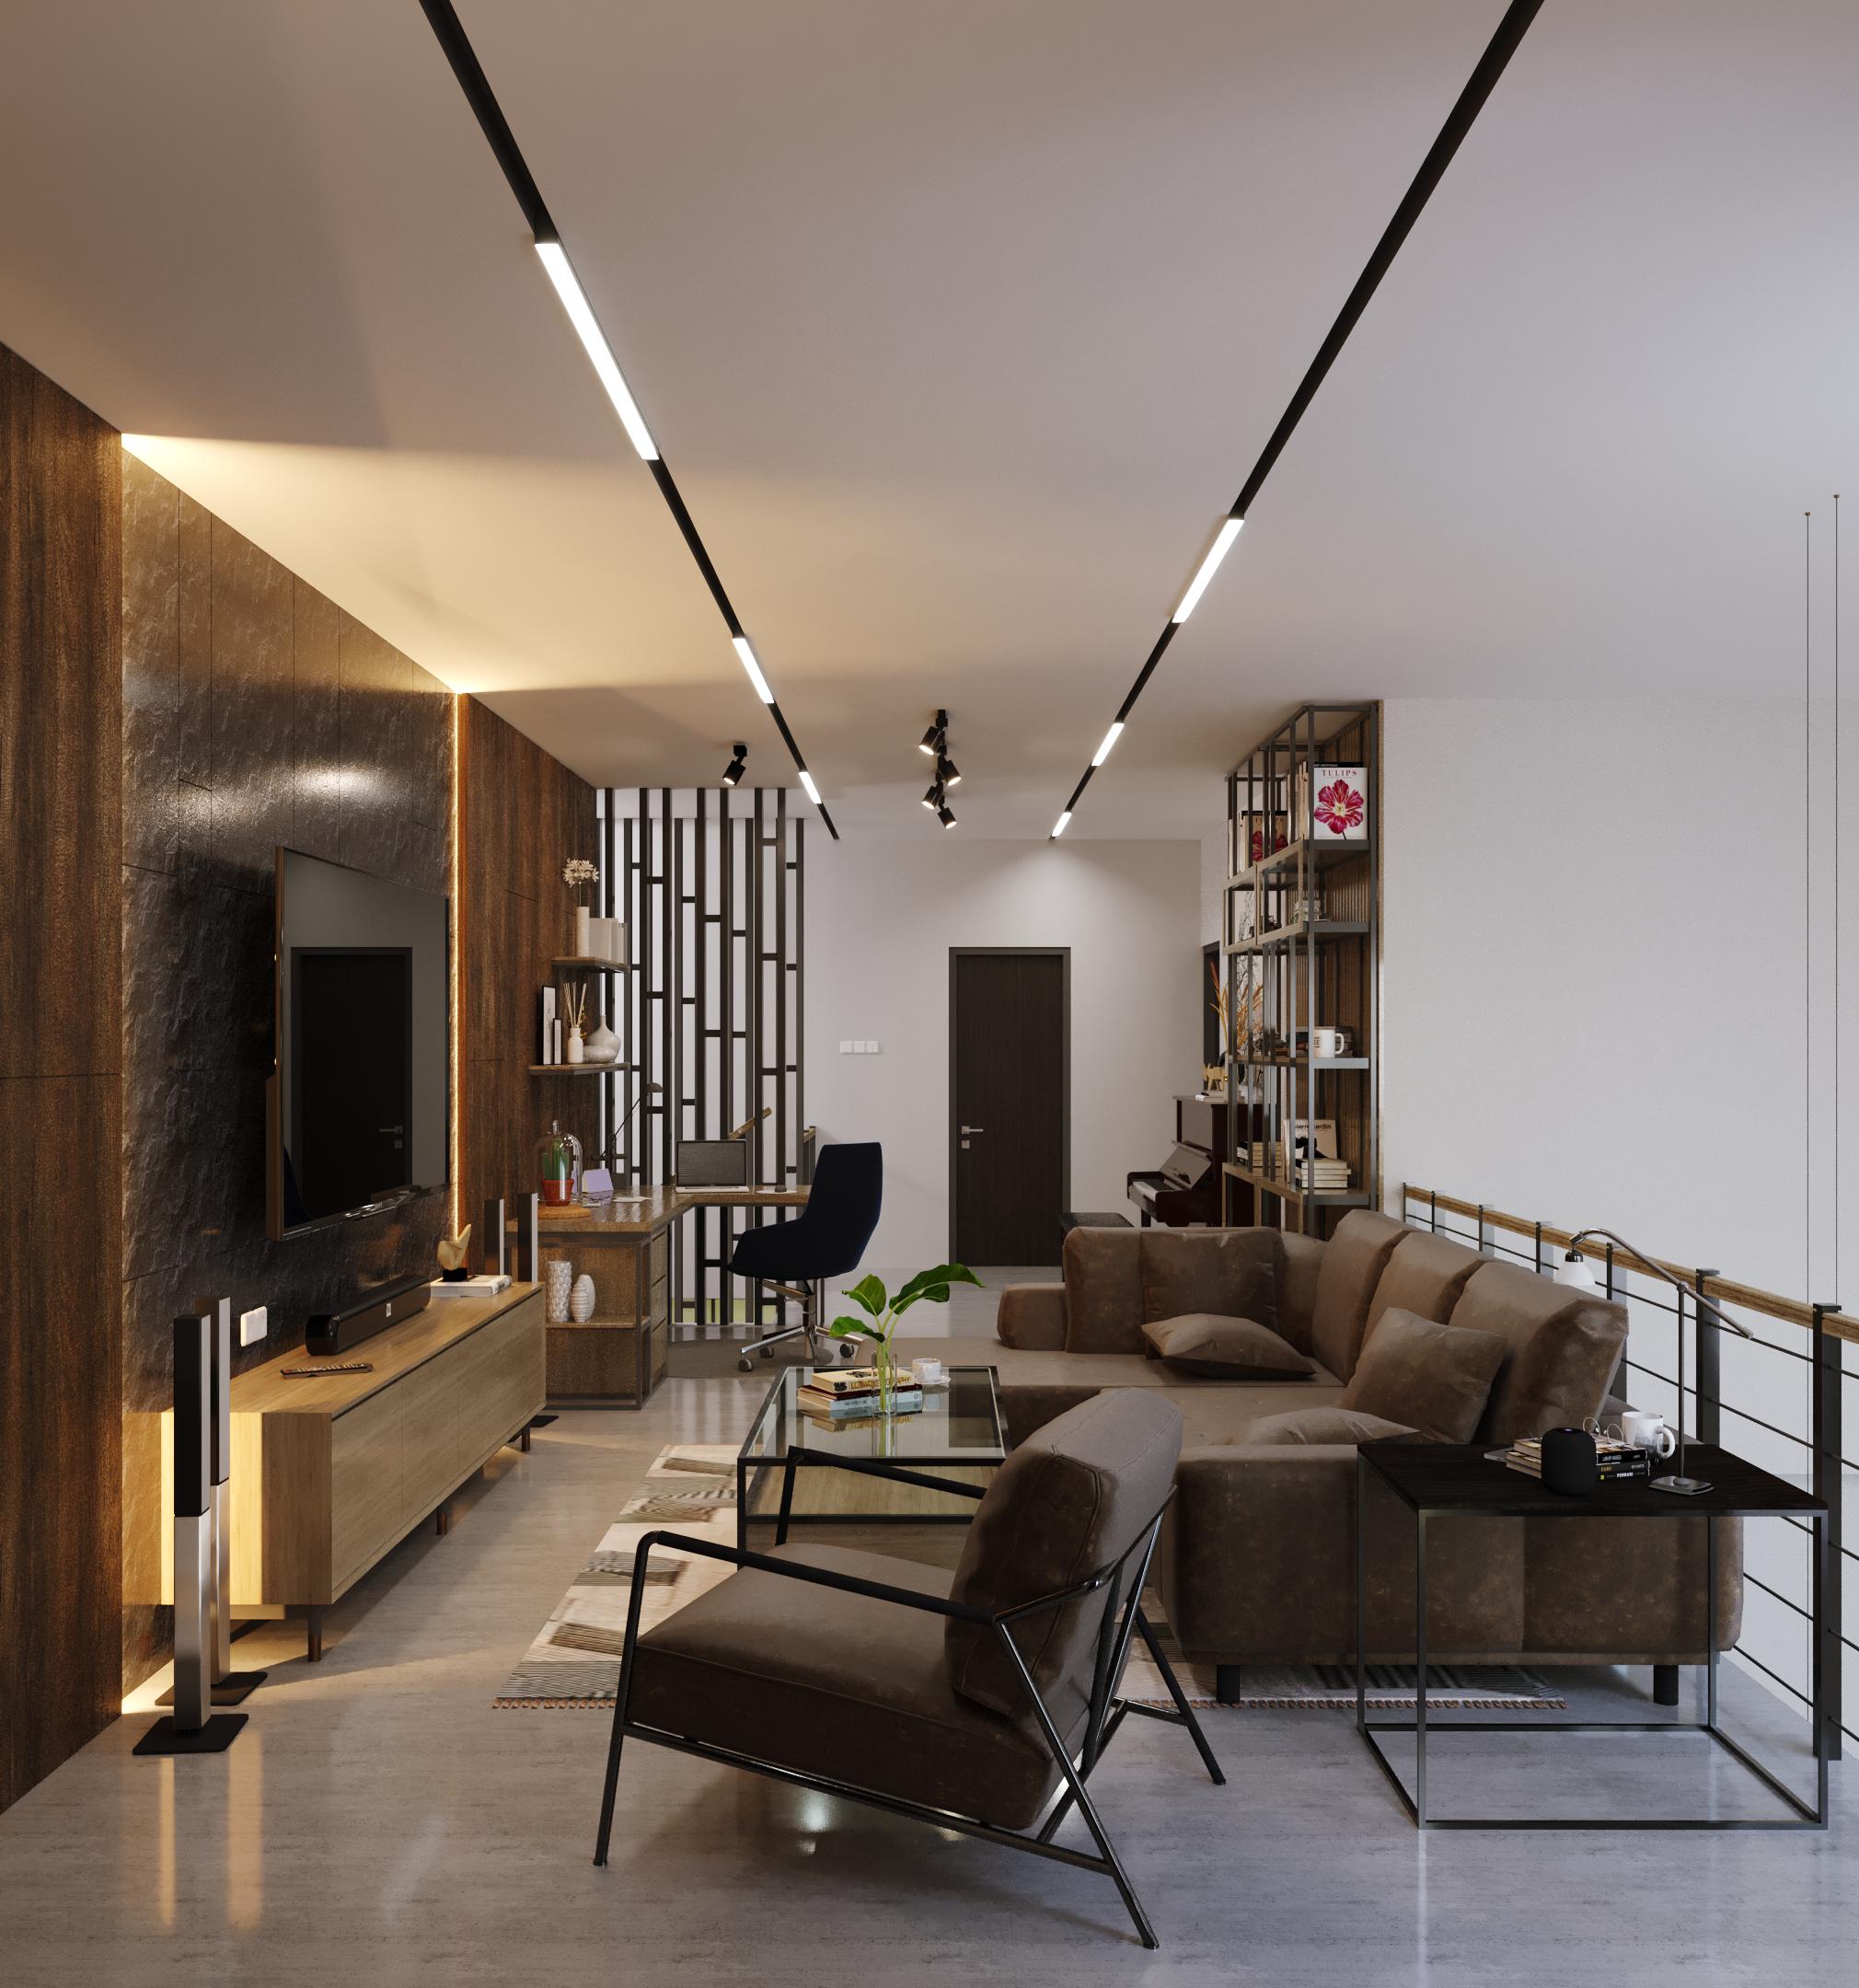 desain interior ruang keluarga modern industrial